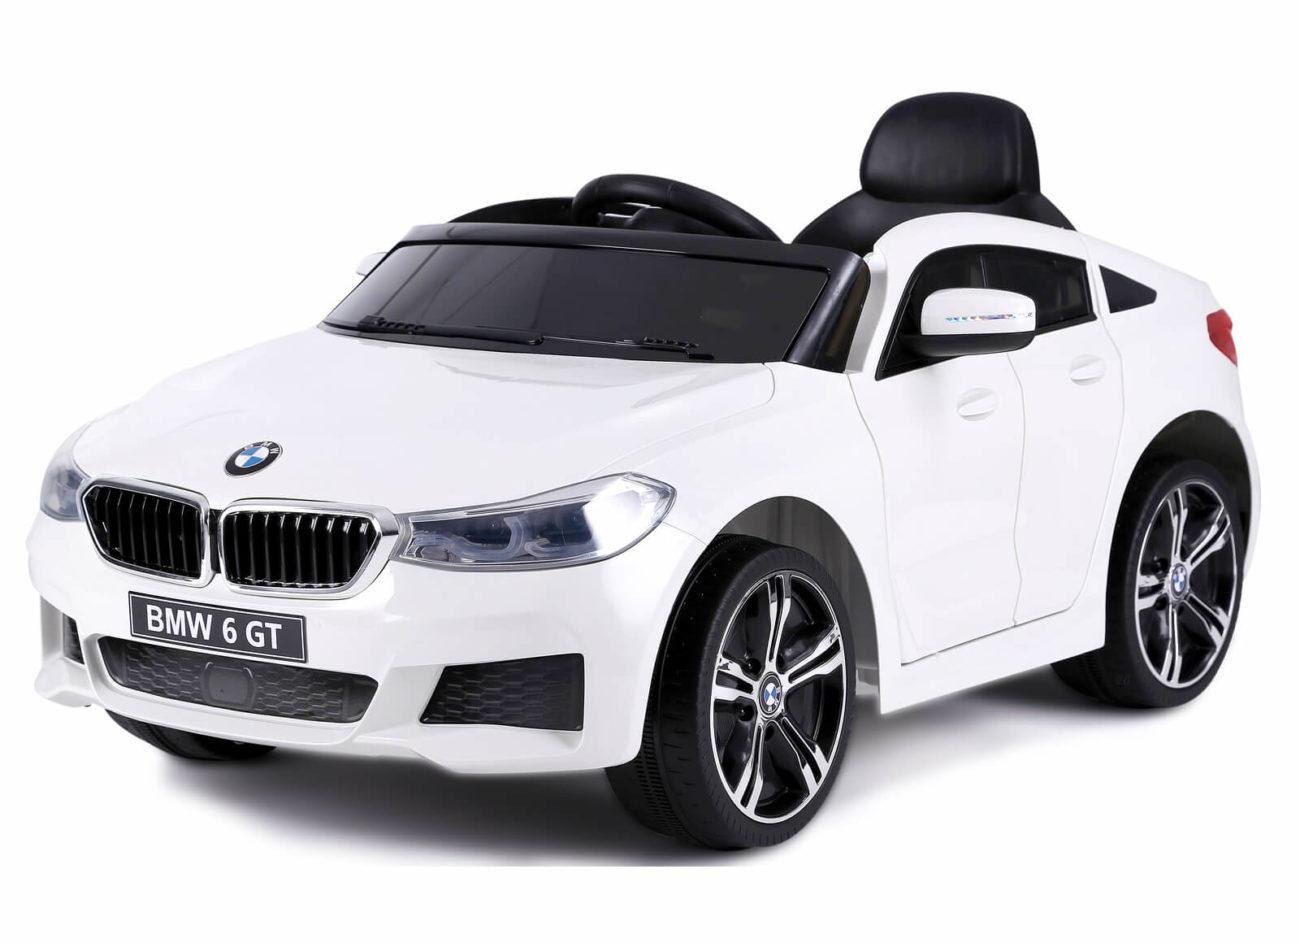 BMW 6 GT toyas24.de 0